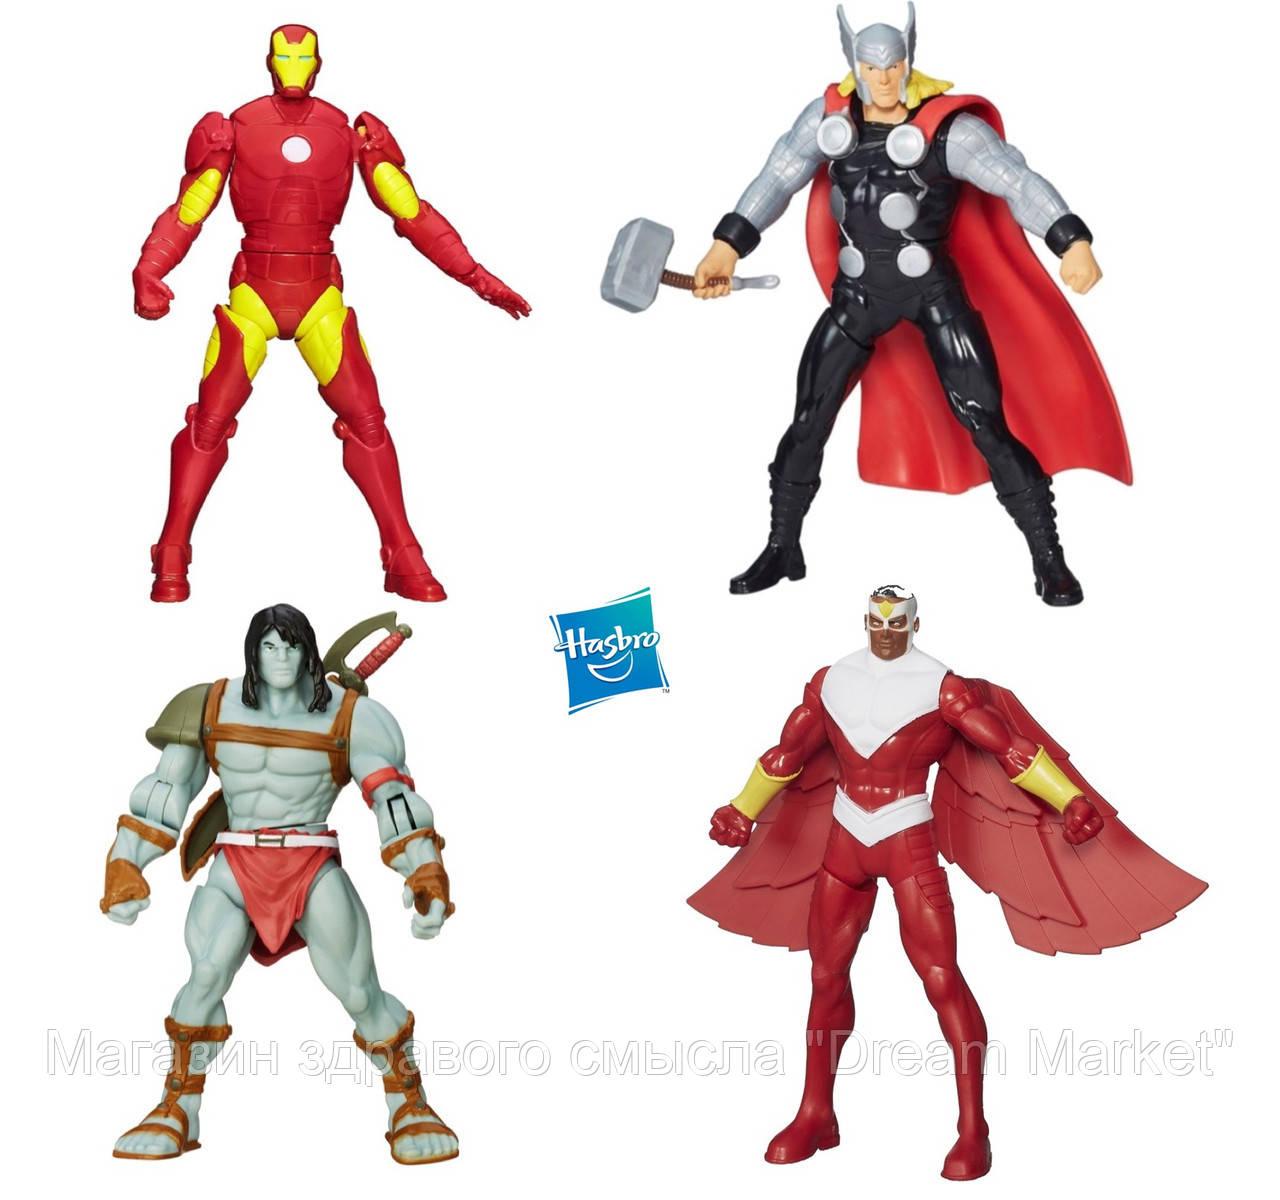 Набор Мстители 4в1: Скар, Тор, Железный человек, Сокол, 15см - Avengers, Hasbro